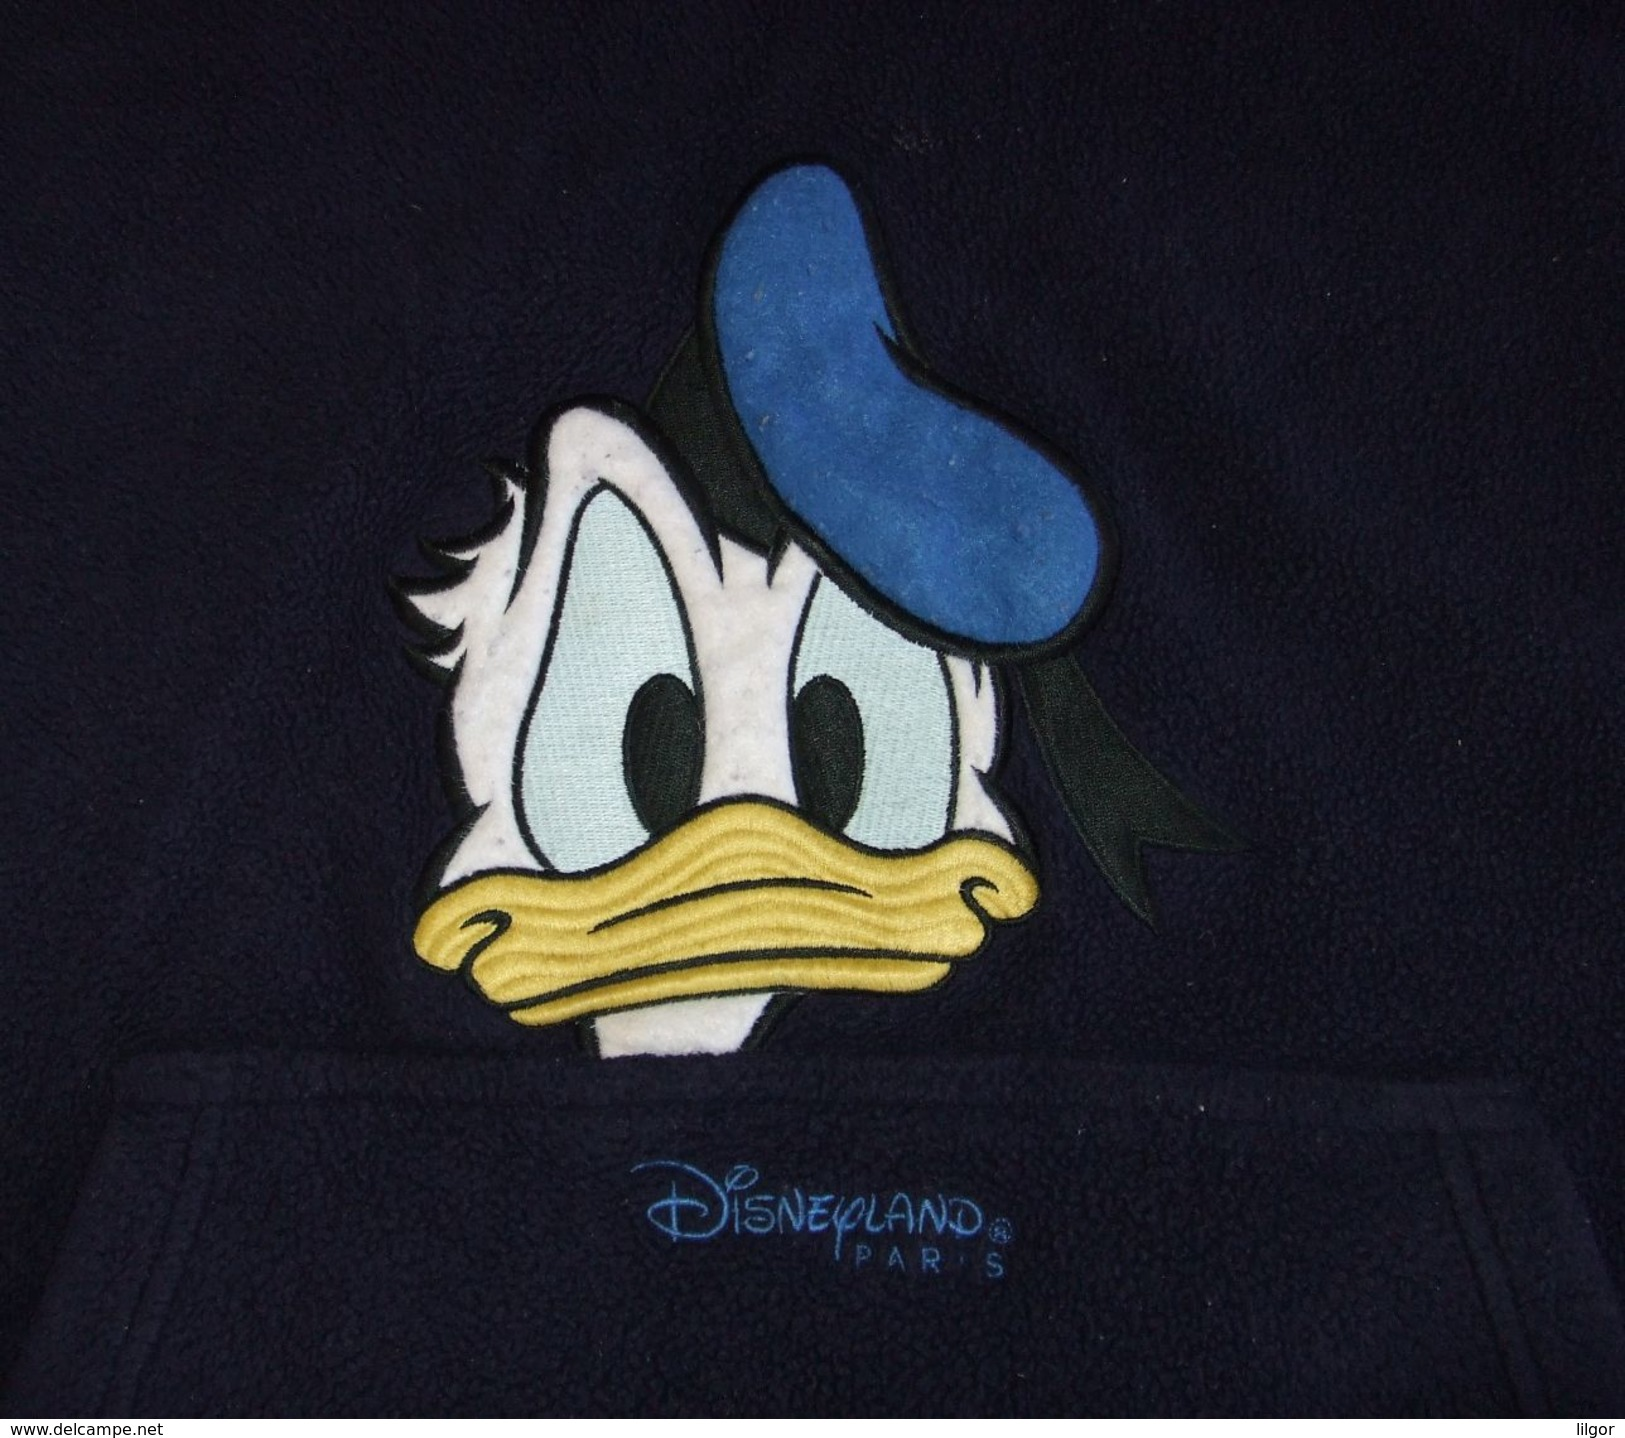 LOT Of DISNEYLAND PARIS DONALD DUCK WARM HOODY & MICKEY MOUSE HAT, Size 14/15 (Eur) - Zonder Classificatie